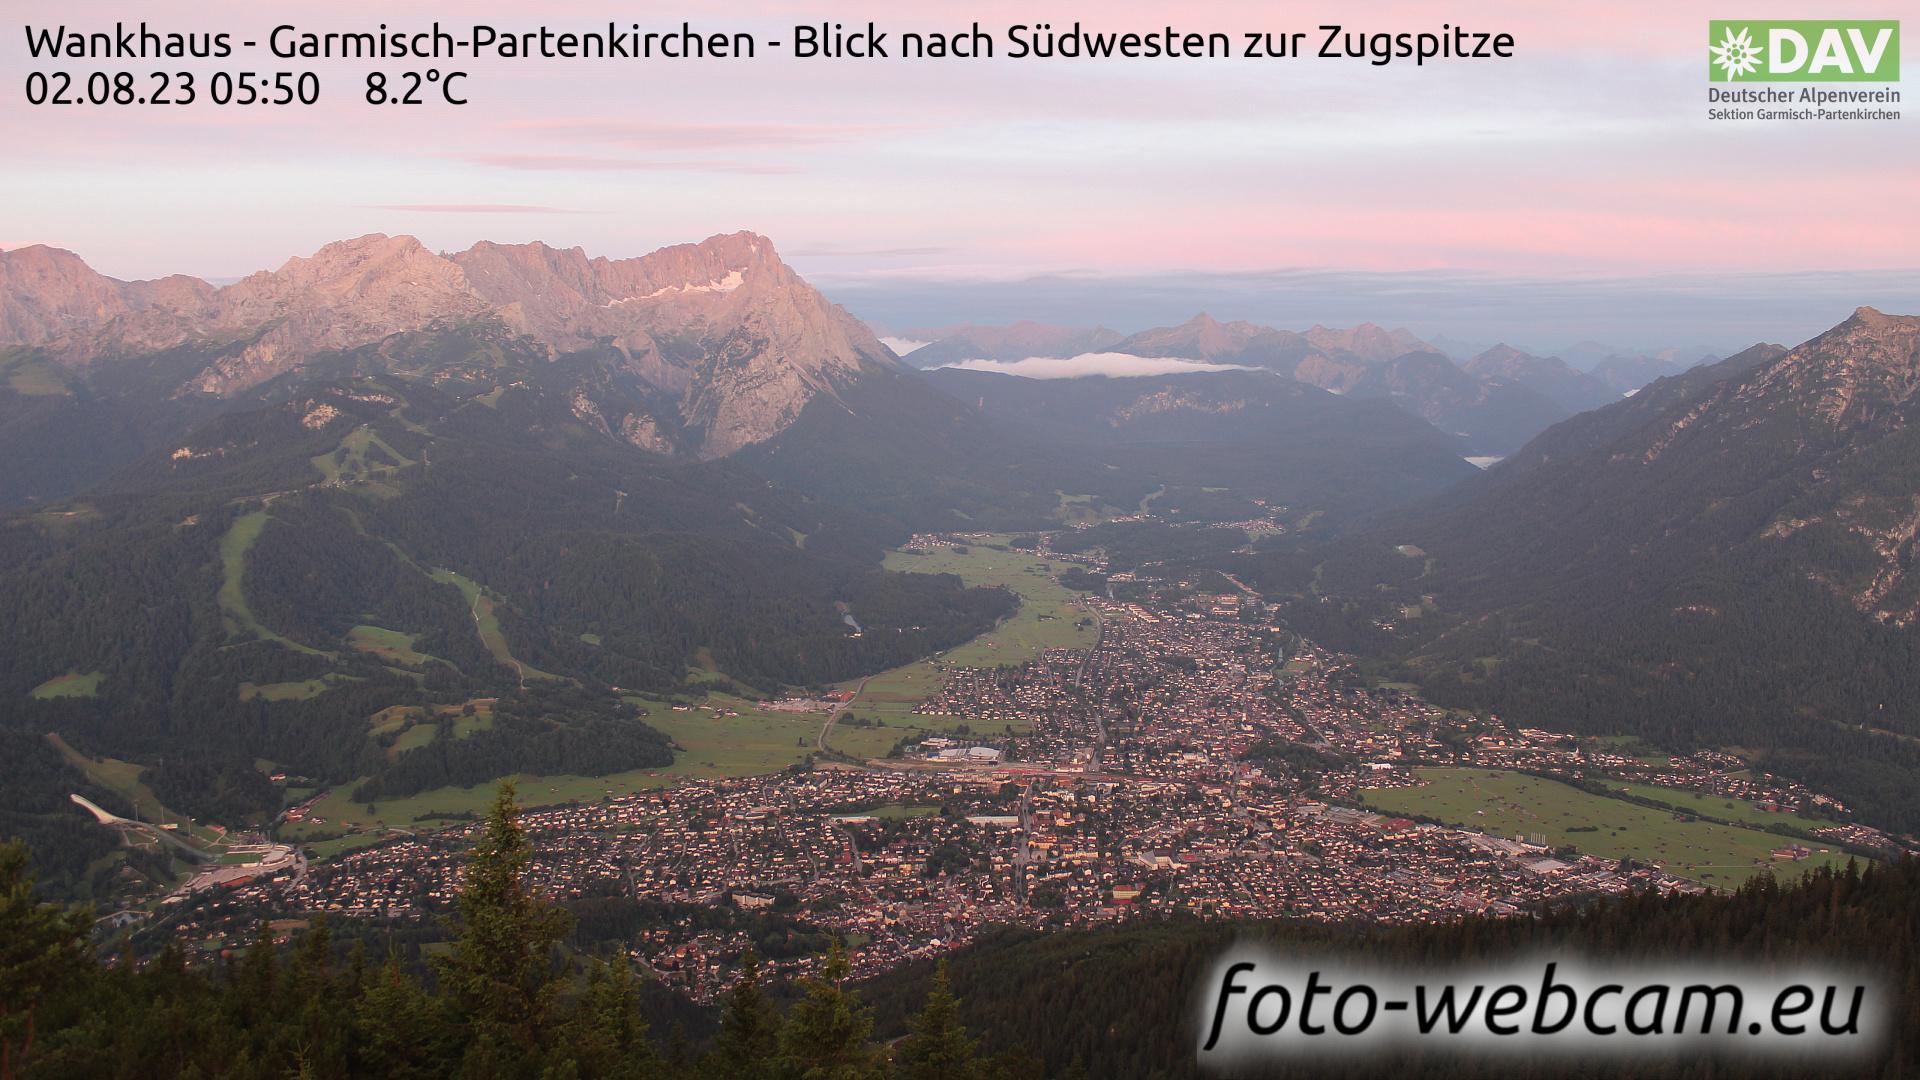 Garmisch-Partenkirchen Mon. 05:52